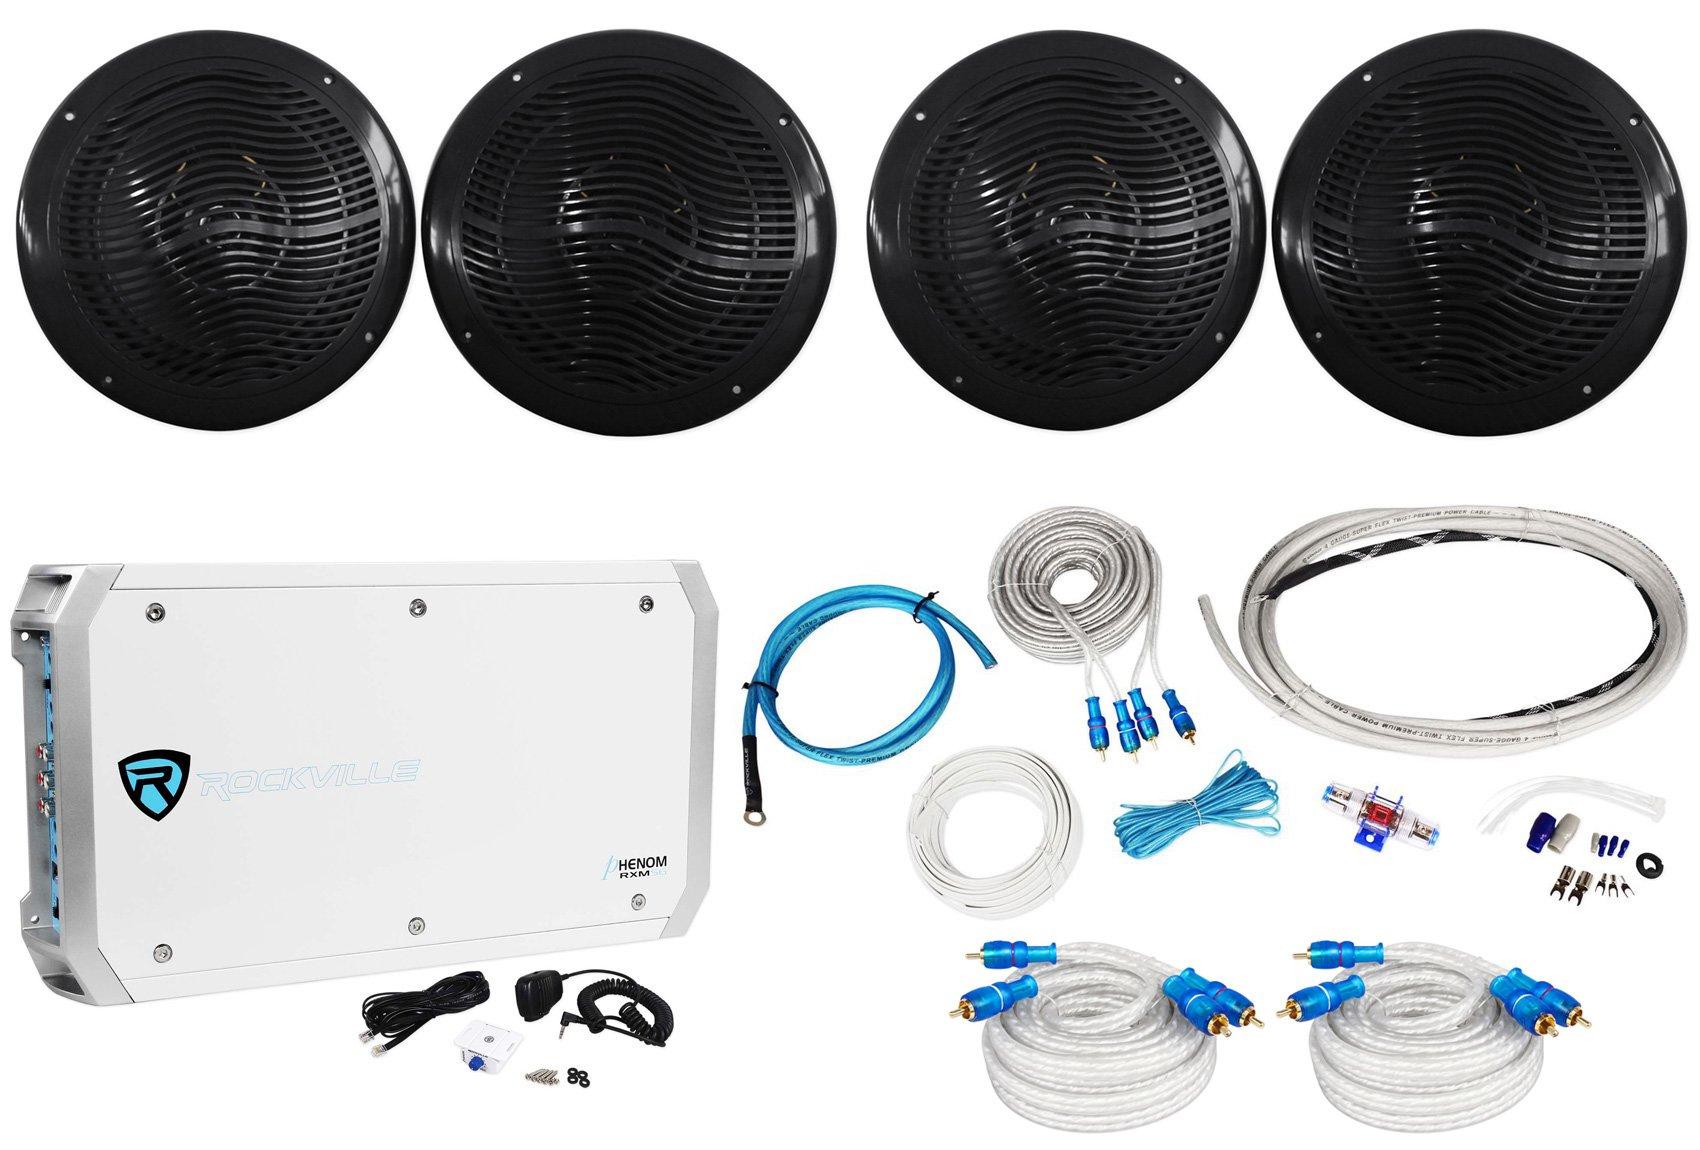 (4) Rockville RMC80B 8'' 1600w Marine Boat Speakers+6-Channel Amplifier+Amp Kit